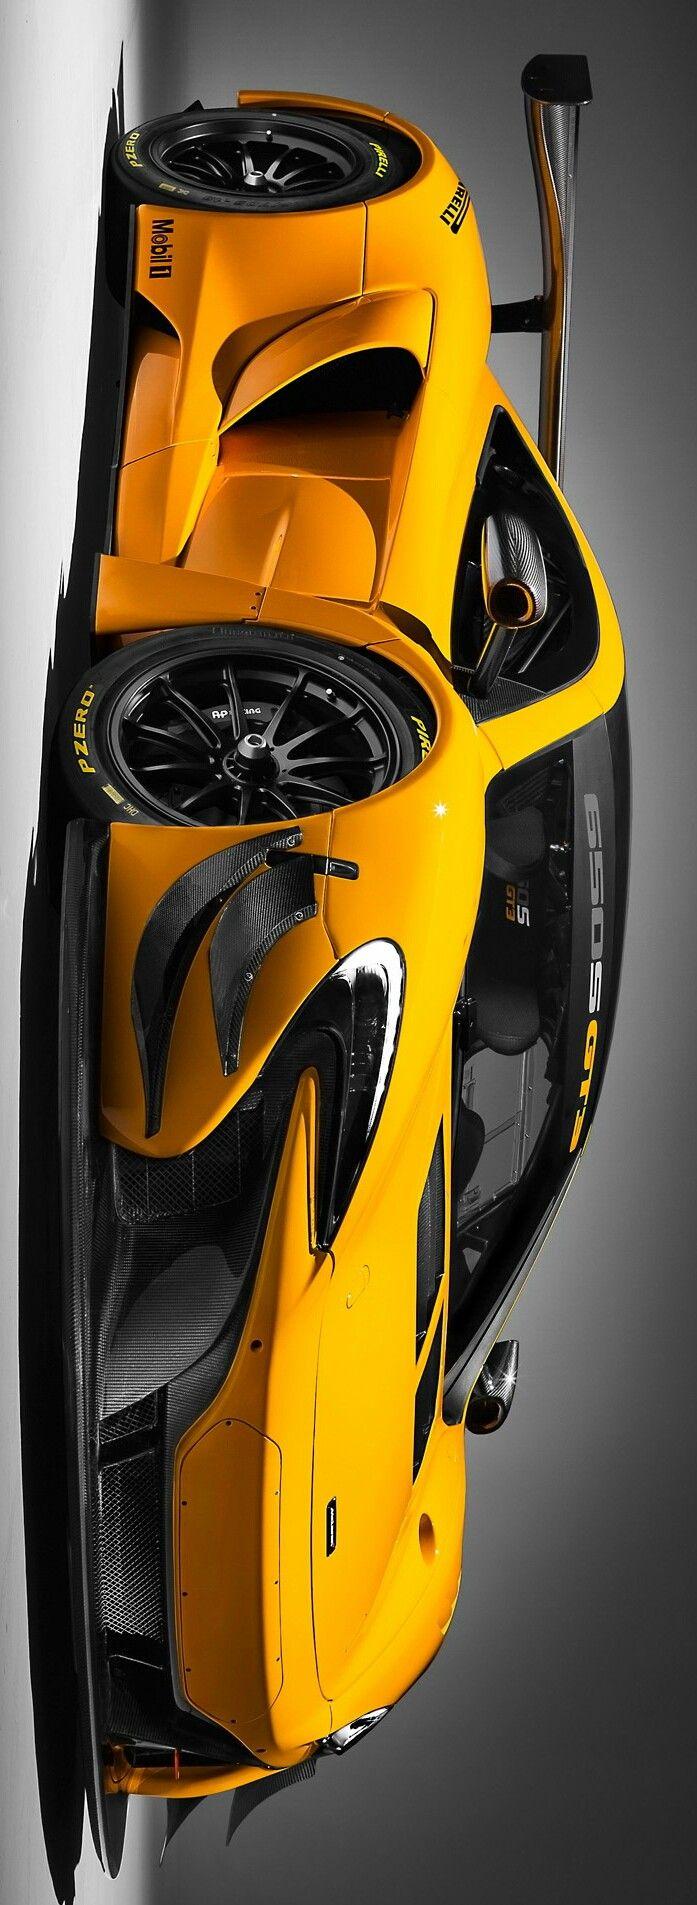 McLaren 650S GT3 by Levon